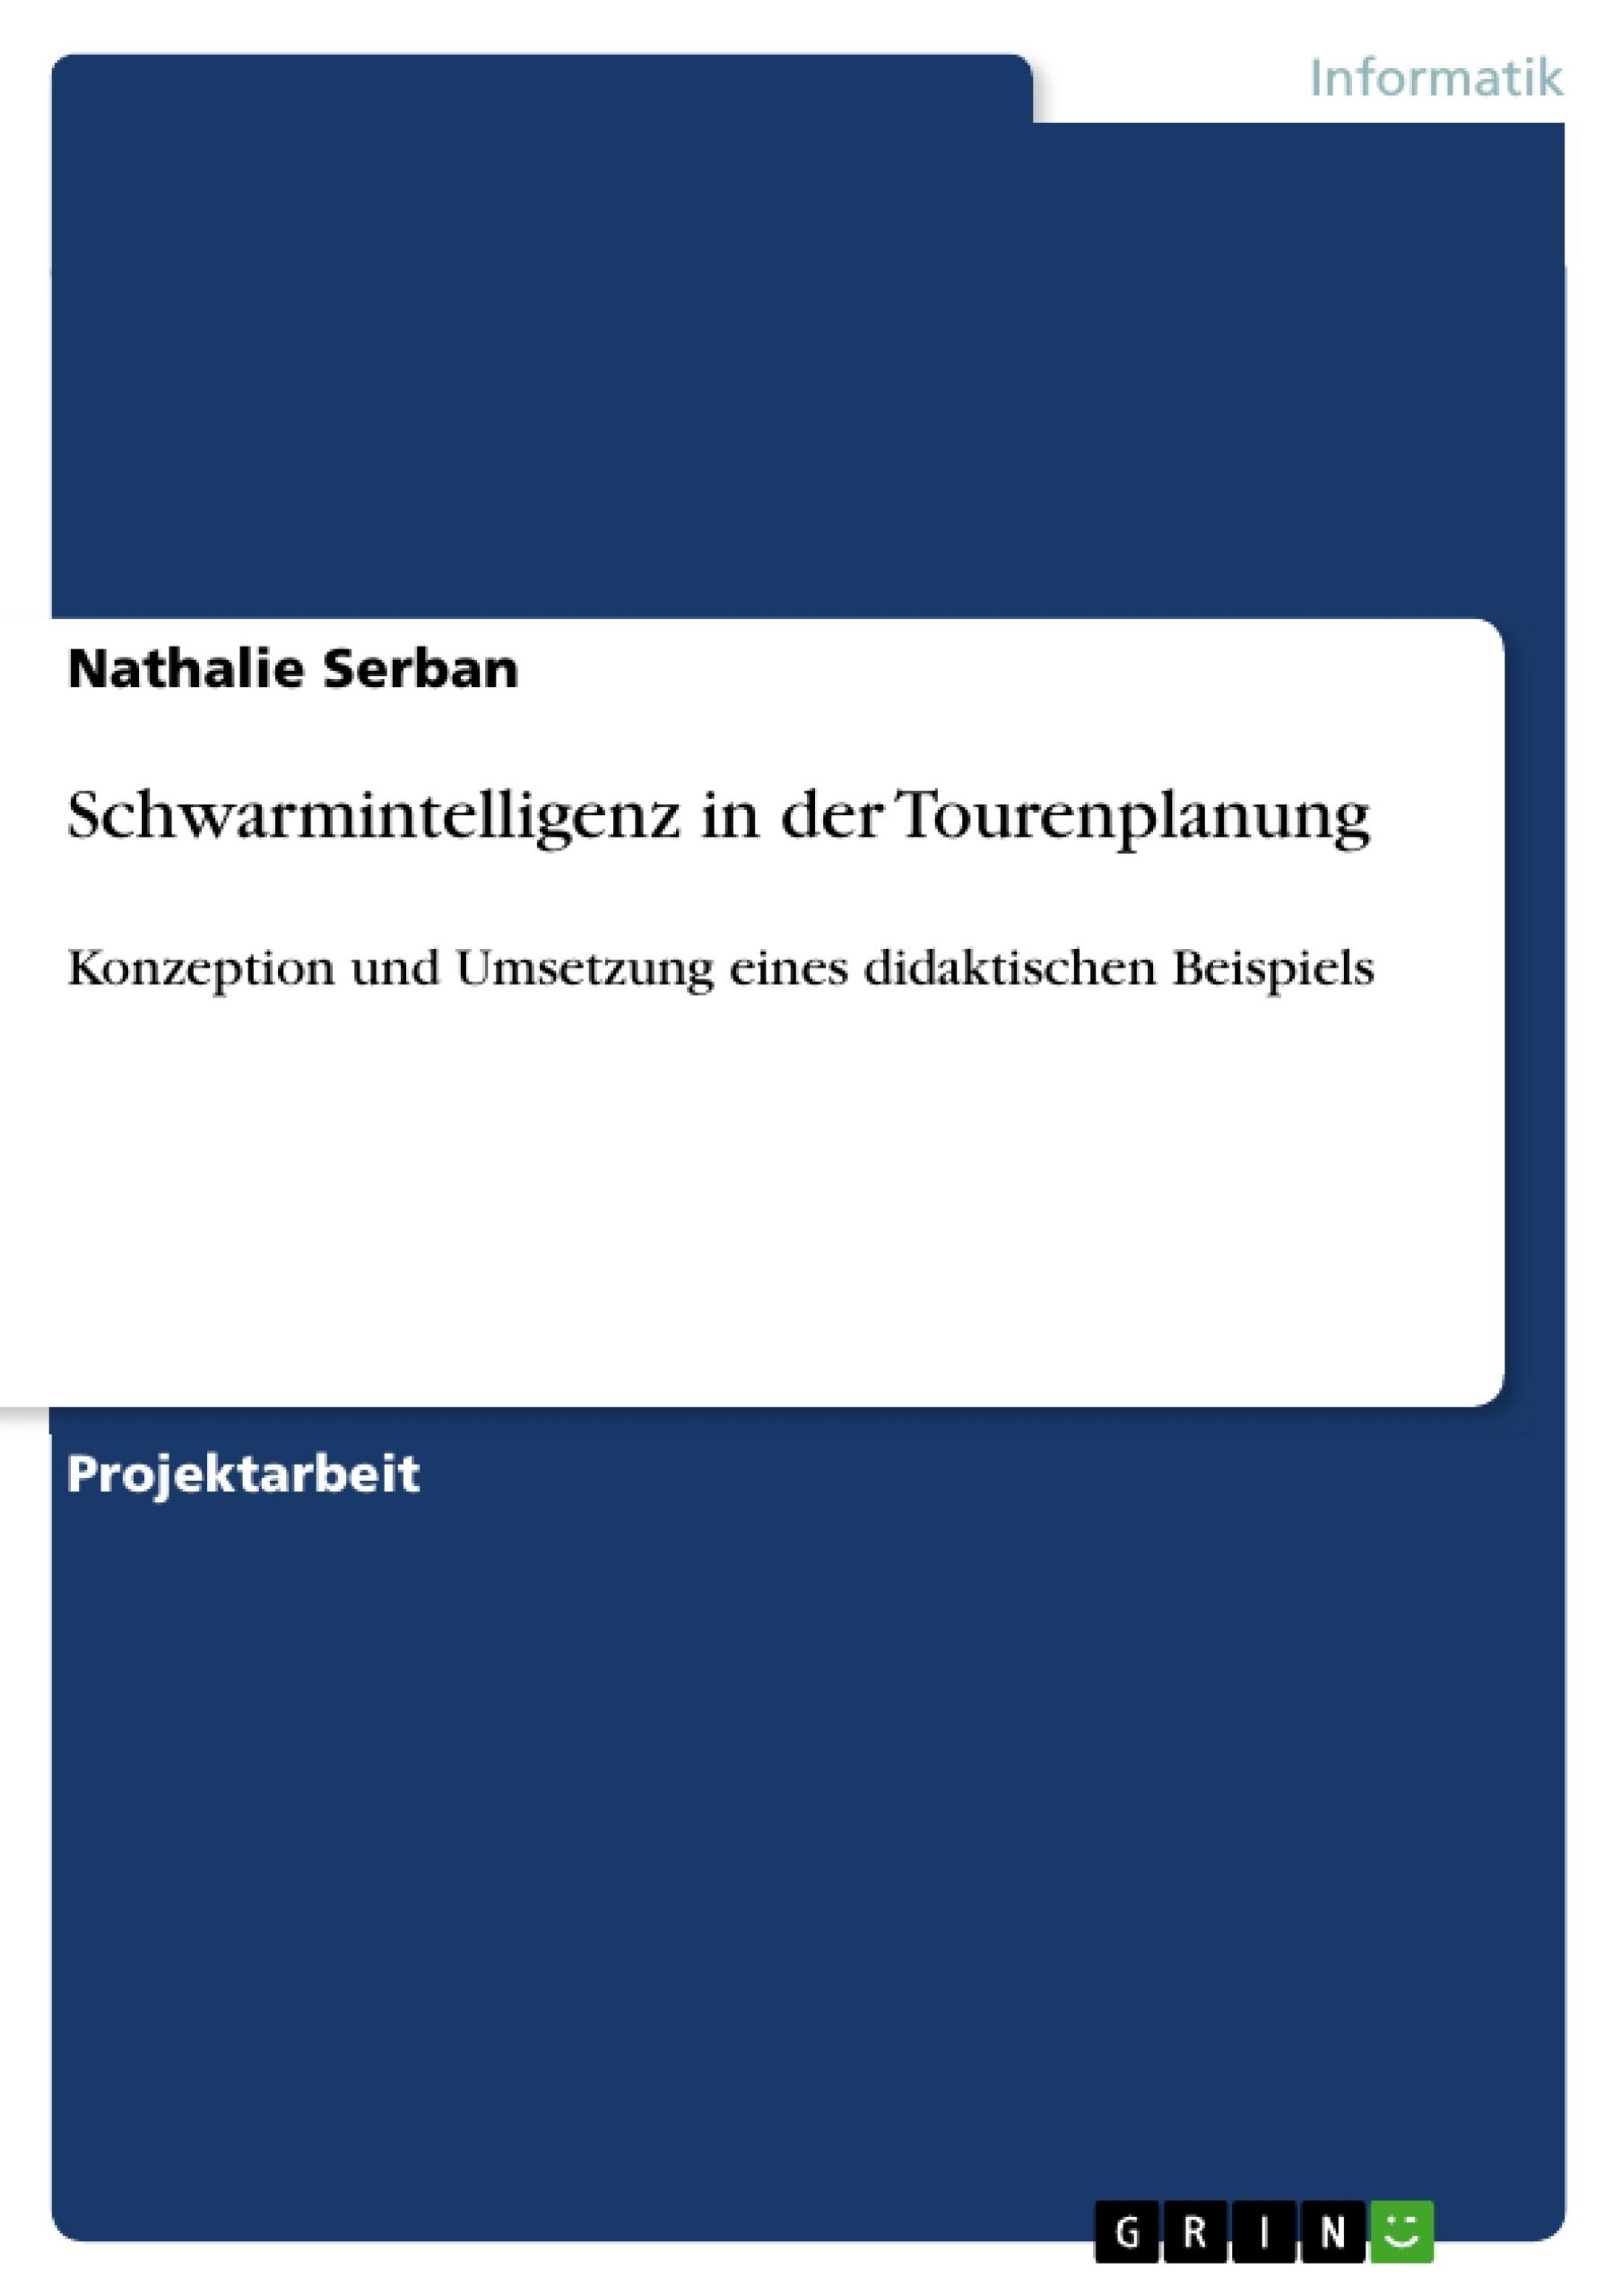 Titel: Schwarmintelligenz in der Tourenplanung